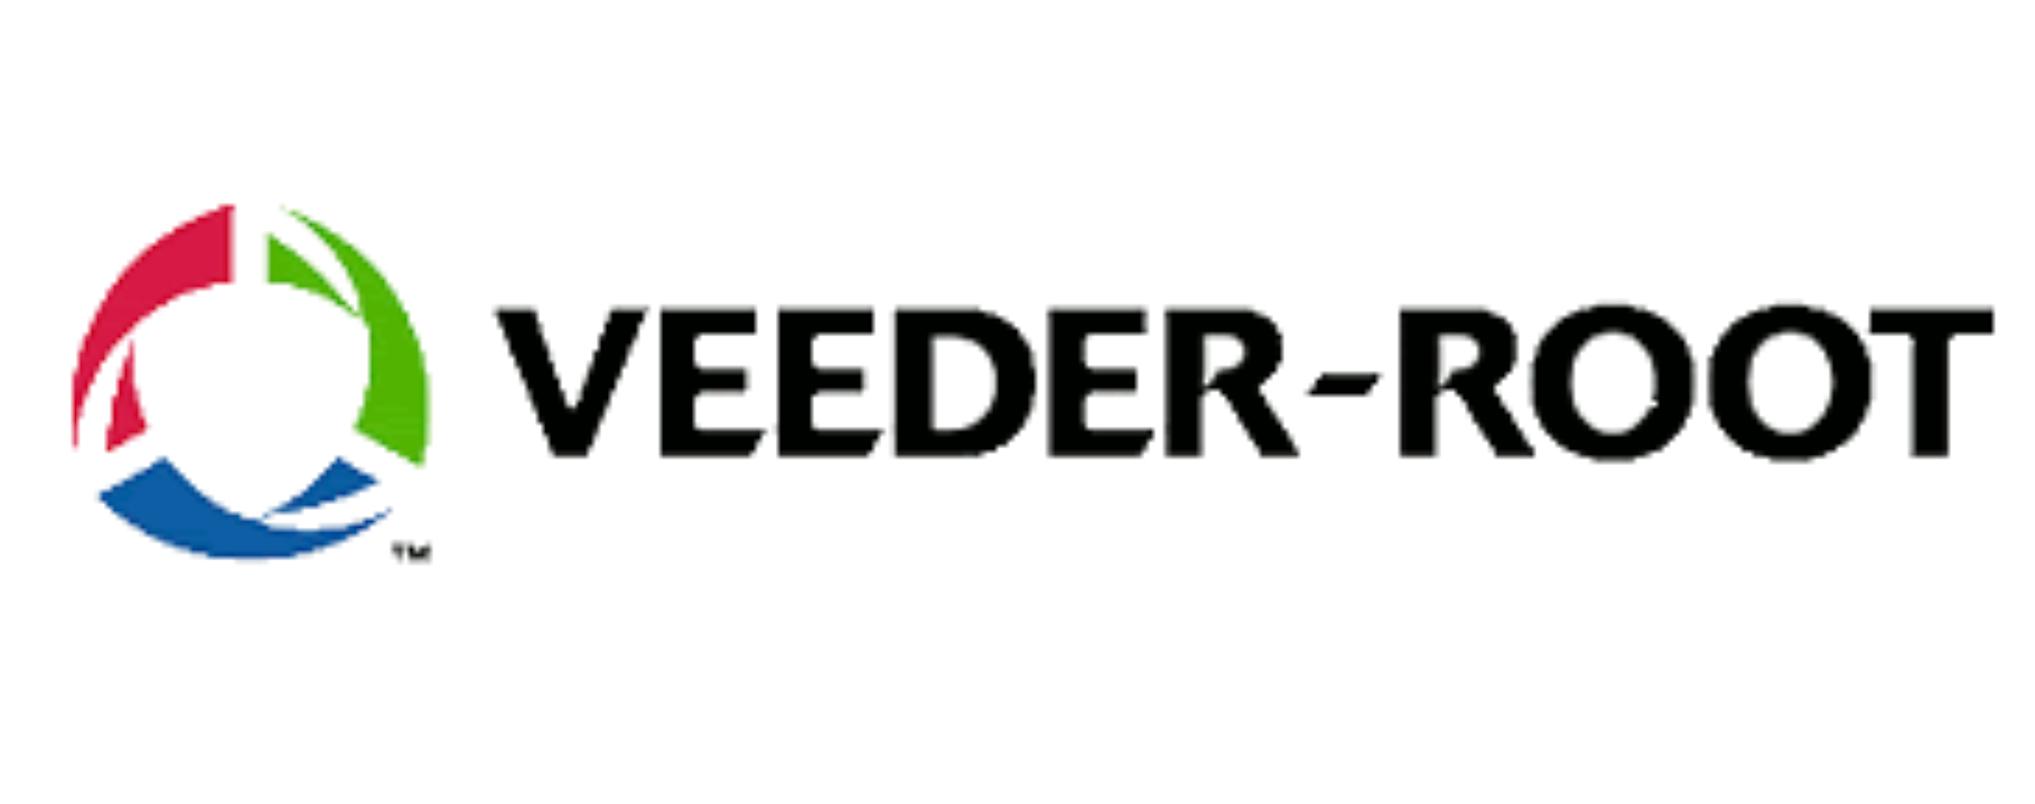 veeder root logo